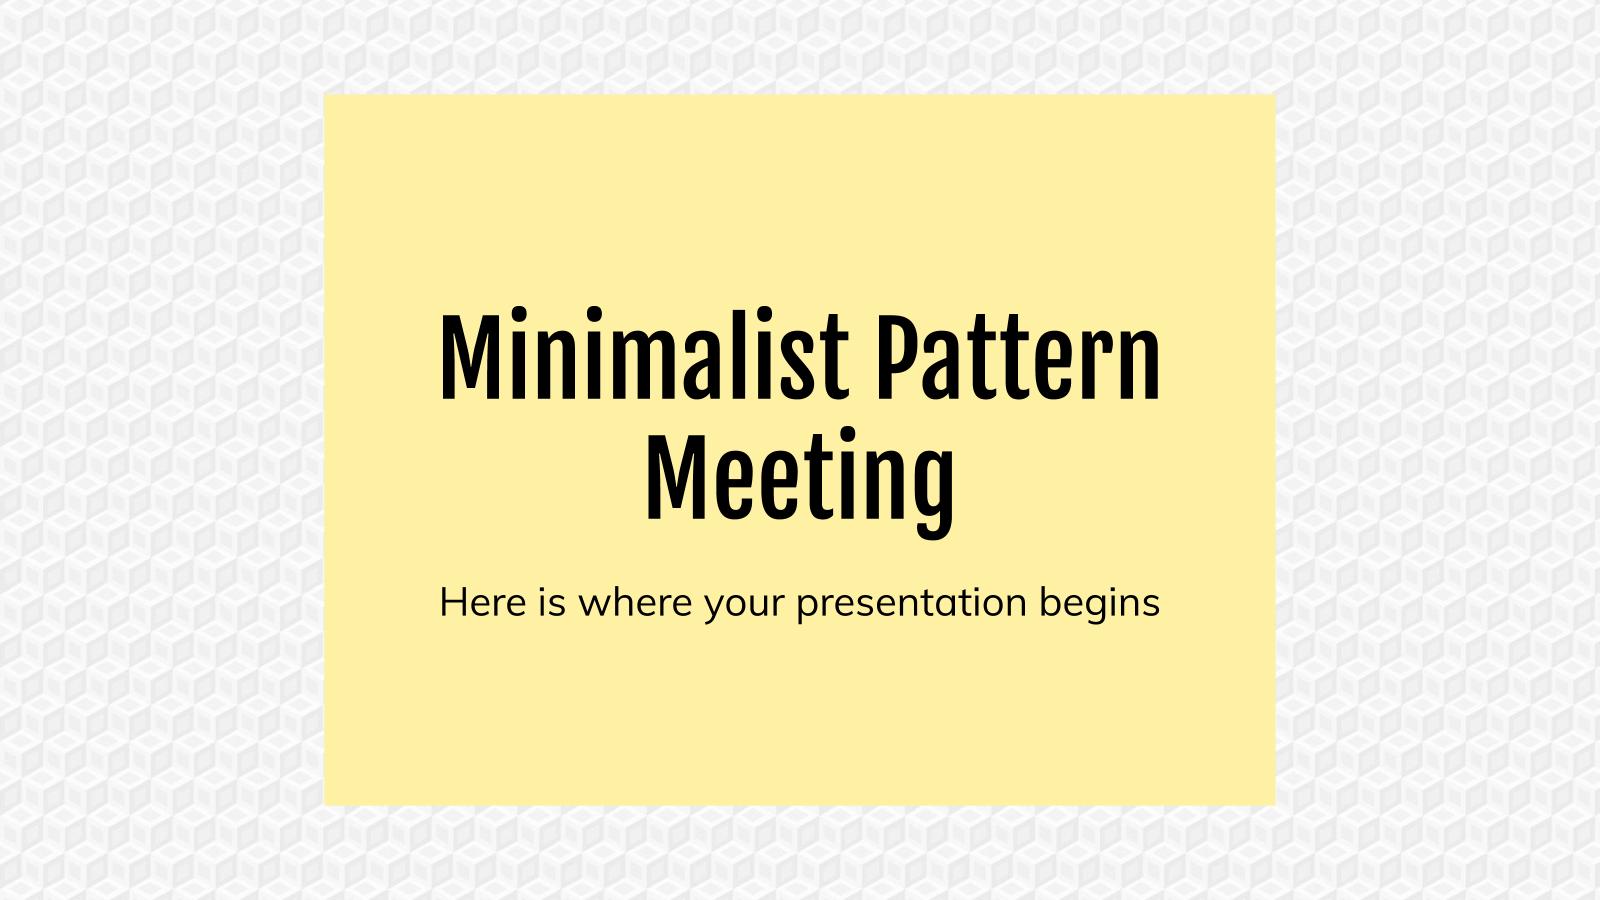 Modelo de apresentação Reunião com padrão minimalista